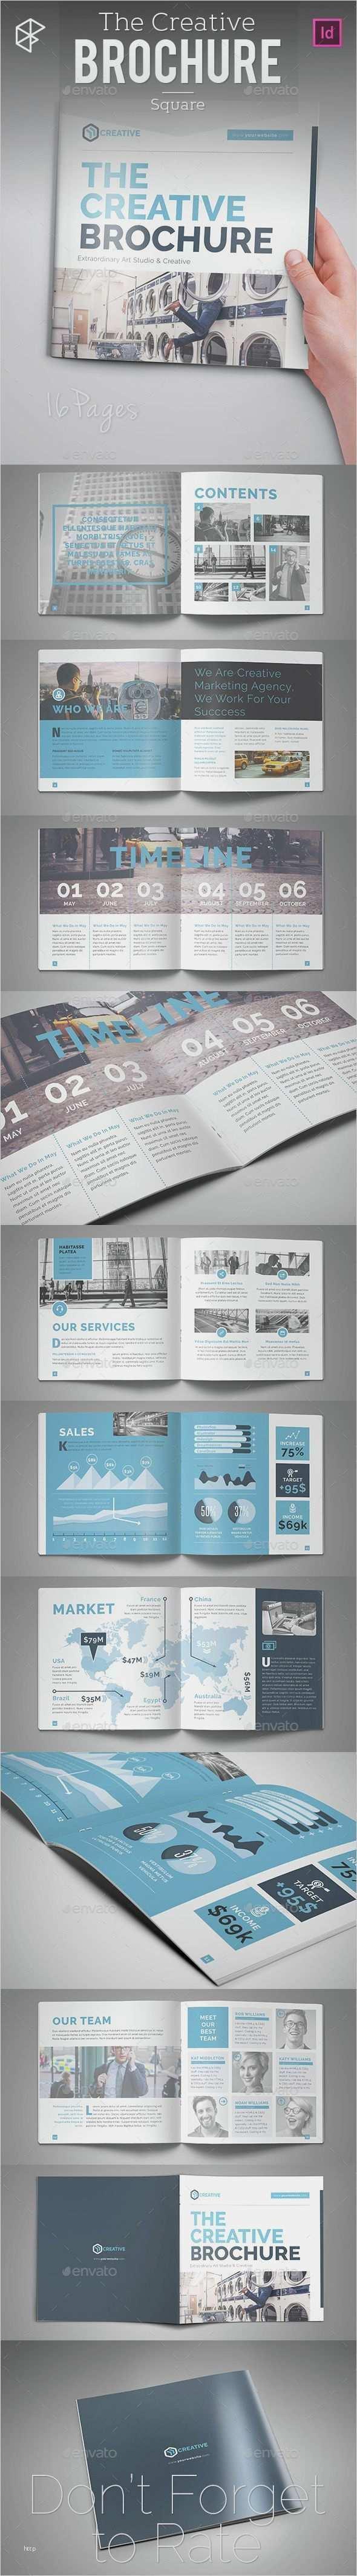 27 Suss Indesign Vorlagen Buch Vorrate Indesign Vorlagen Broschurendesign Broschure Design